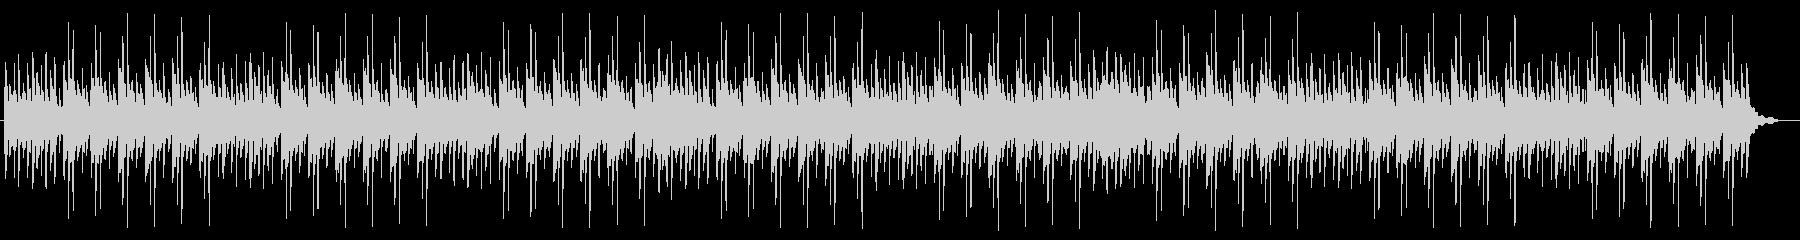 アンビエントバラードBGMの未再生の波形